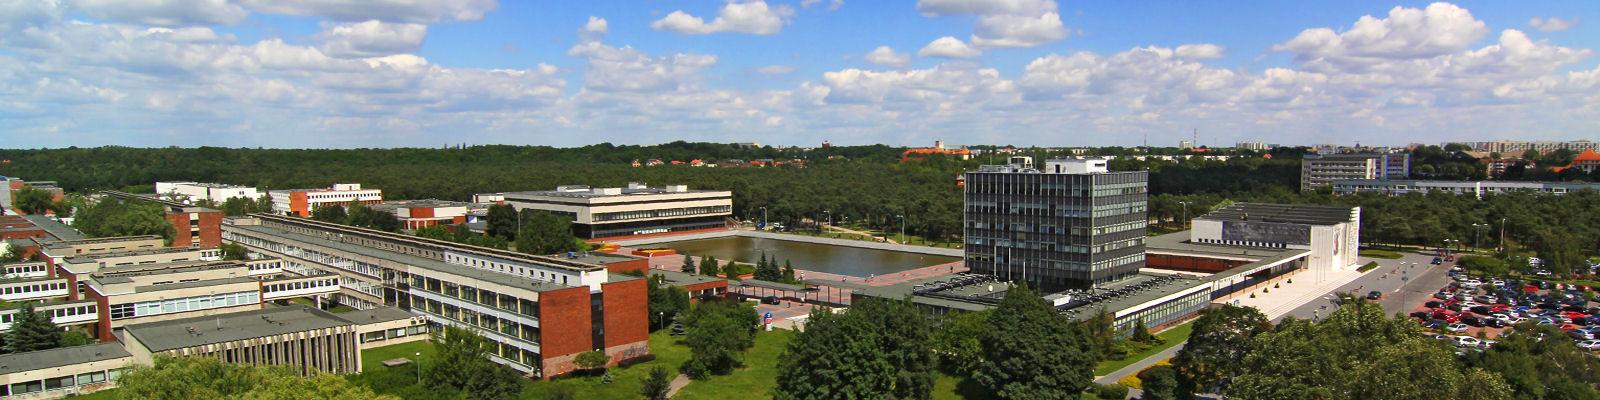 Nicolaus Copernicus University